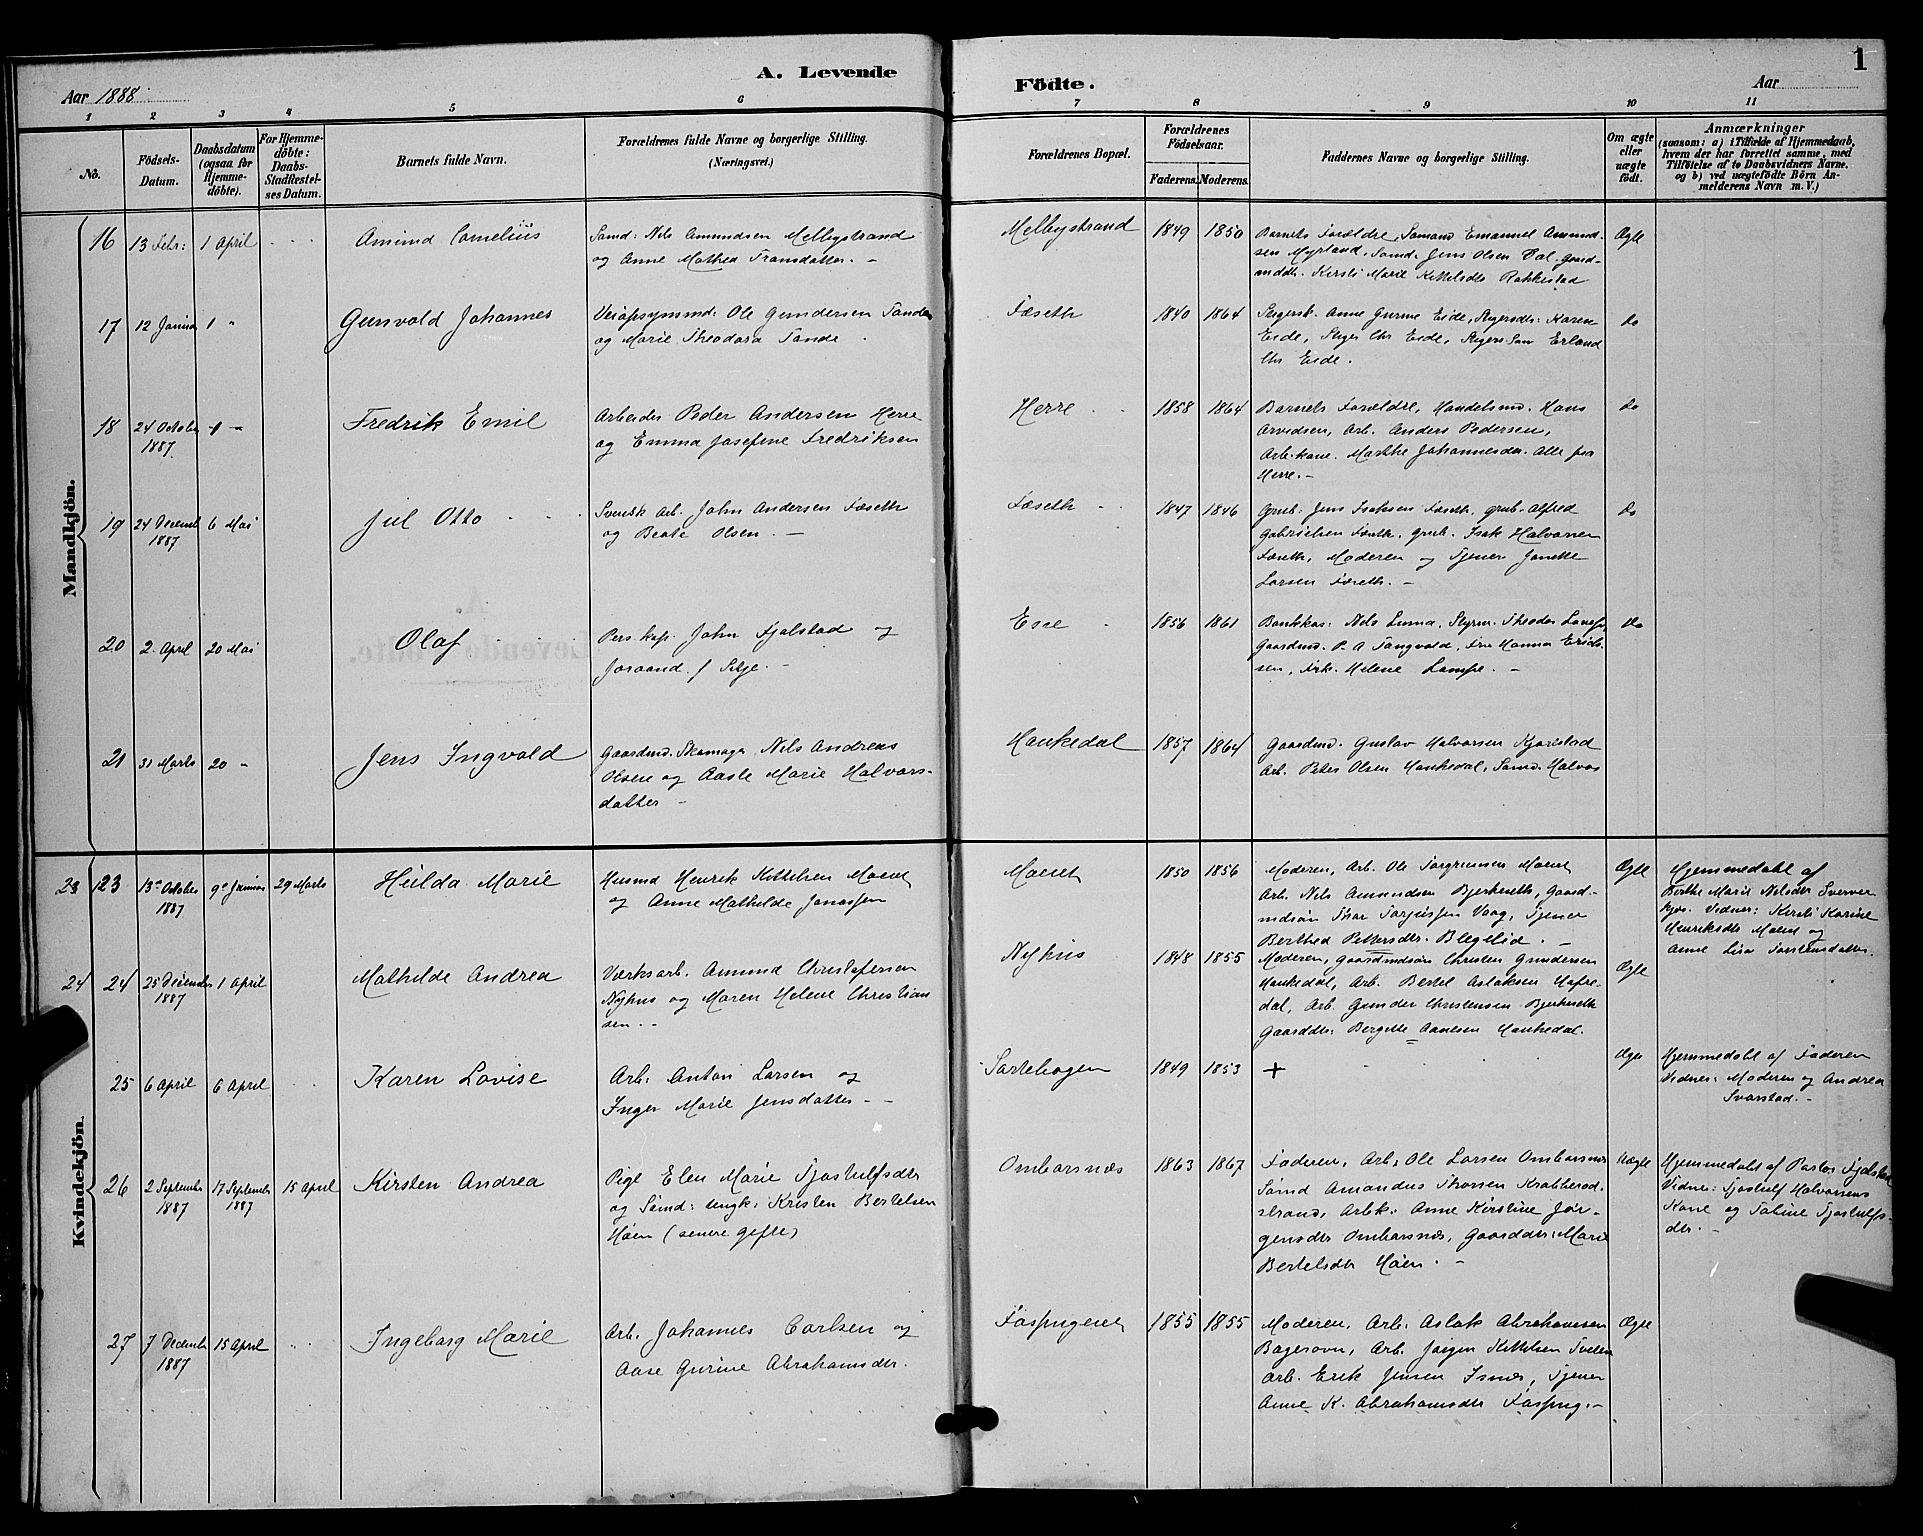 SAKO, Bamble kirkebøker, G/Ga/L0009: Klokkerbok nr. I 9, 1888-1900, s. 1